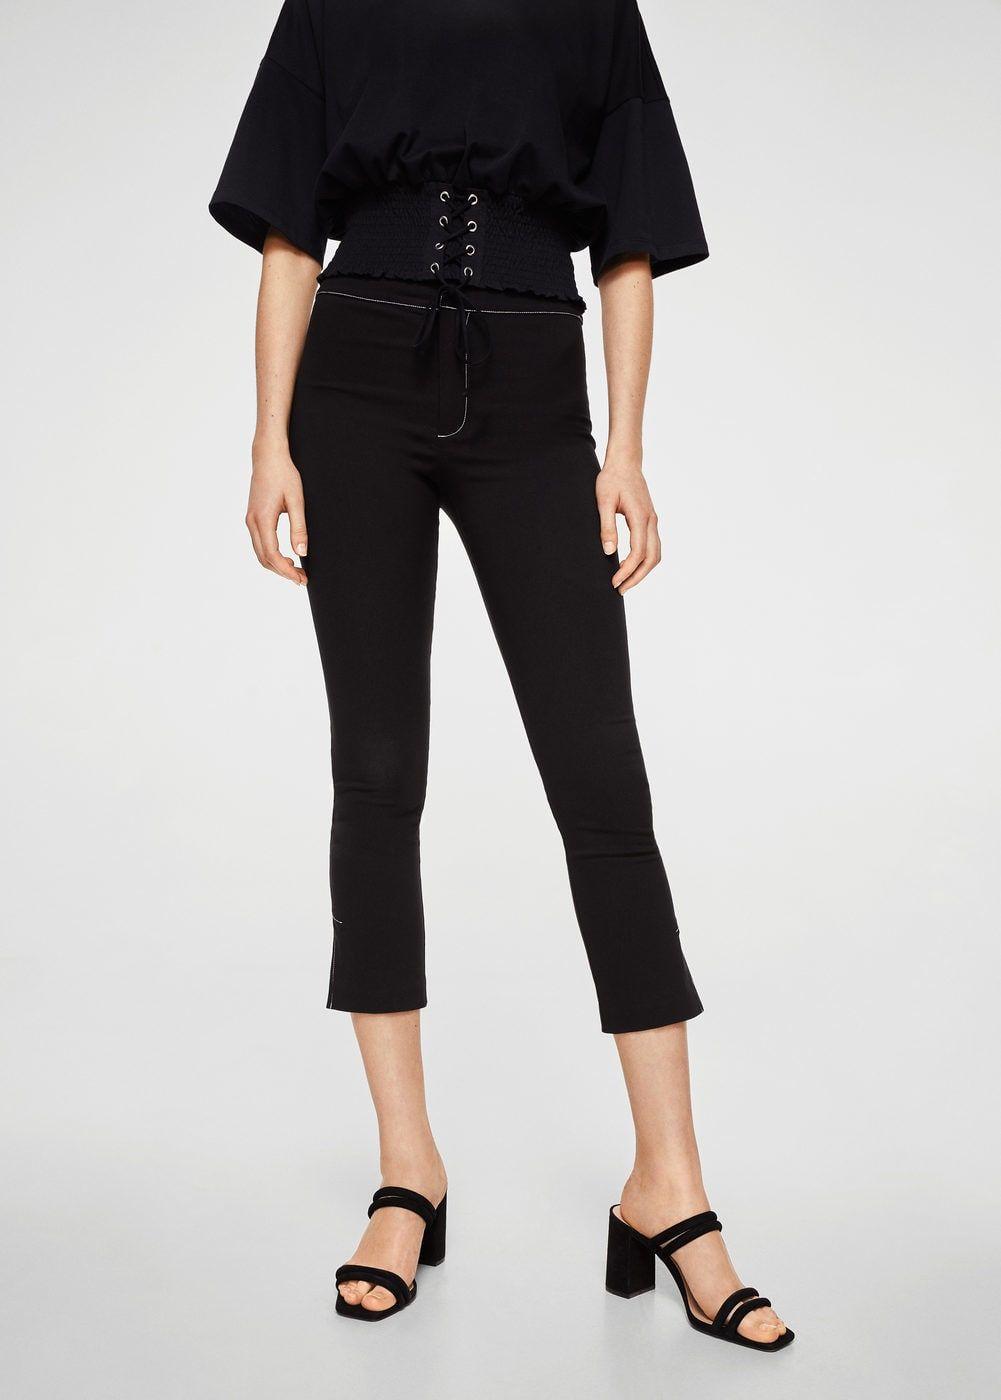 Broek met contrasterende stiksels Dames | Trousers women